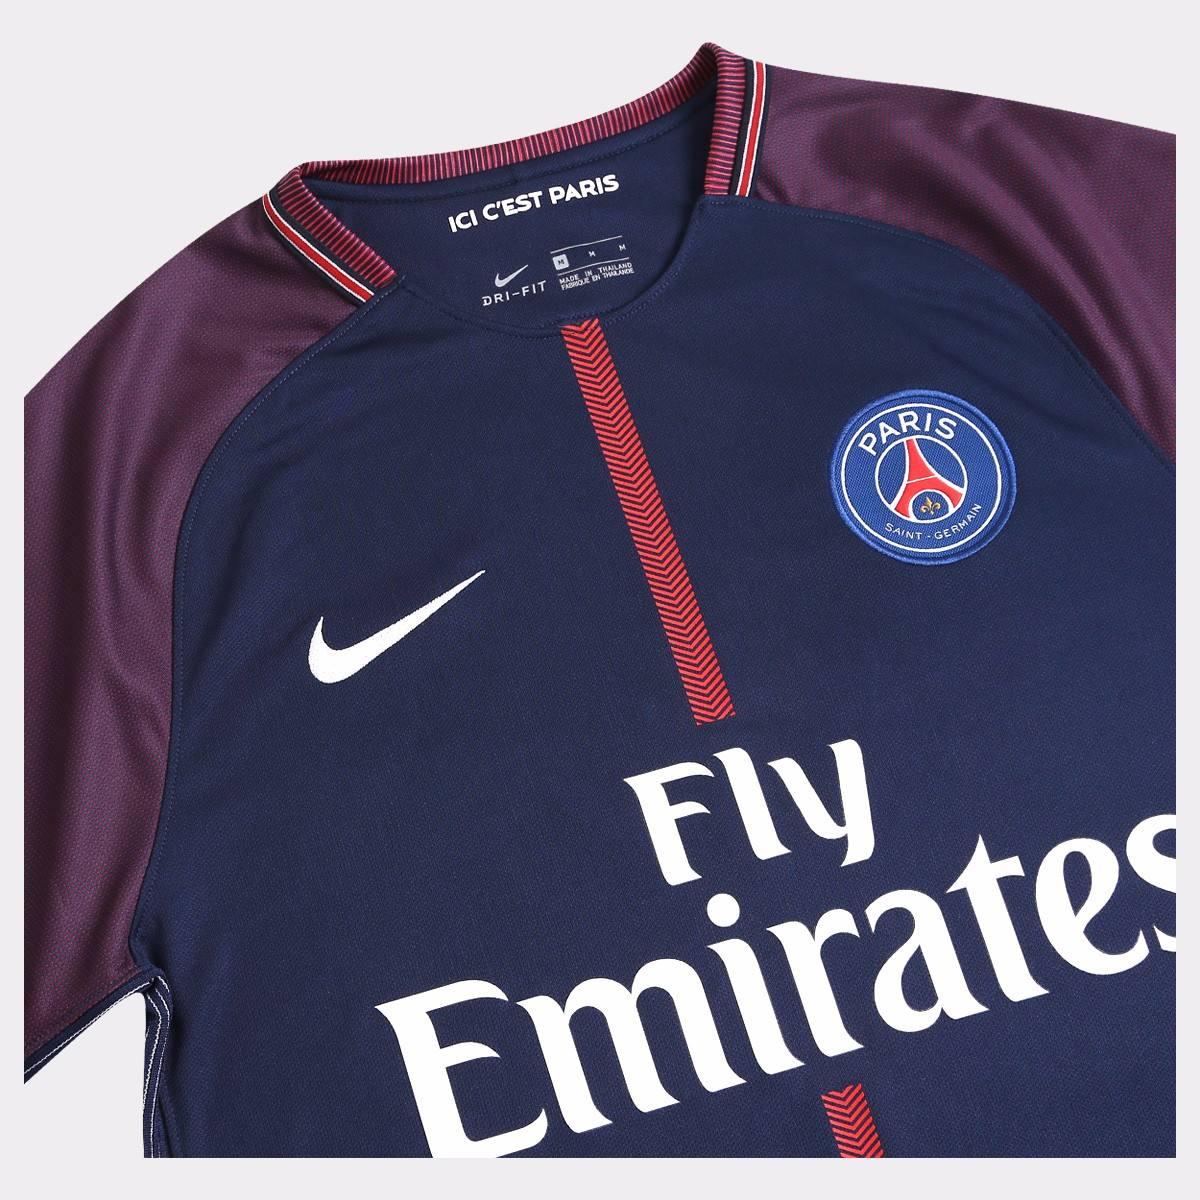 795272729ab82 Camisa Psg Paris Saint Germain - Neymar Jr